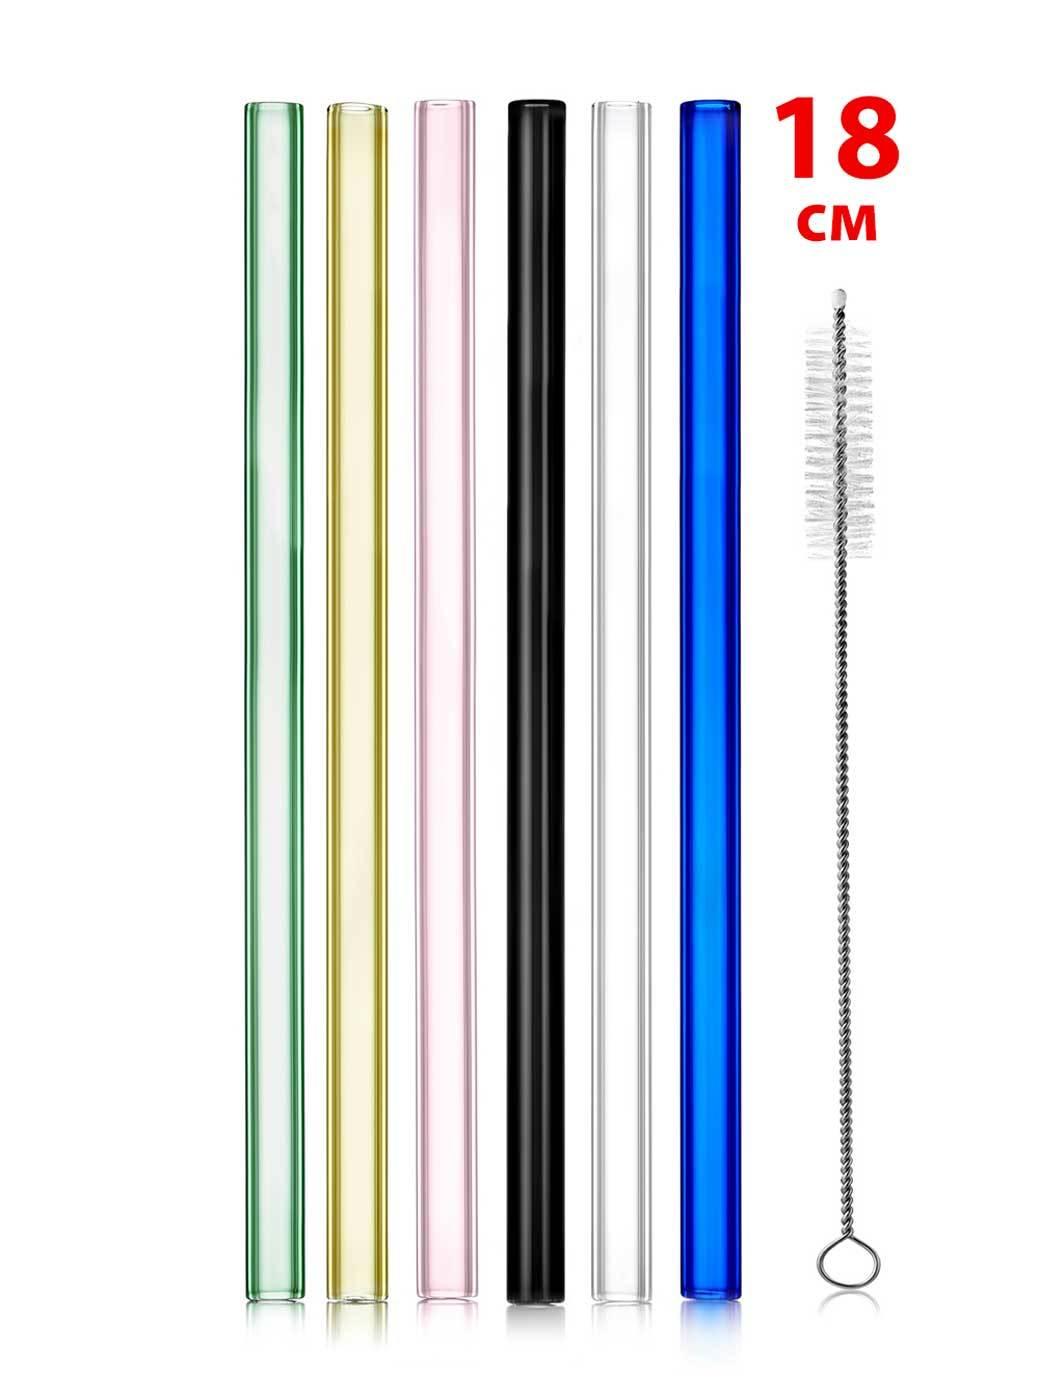 Аксессуары Стеклянные коктейльные трубочки разноцветные, 18 см stekliannie-trubochki-nabor18-teastar.jpg